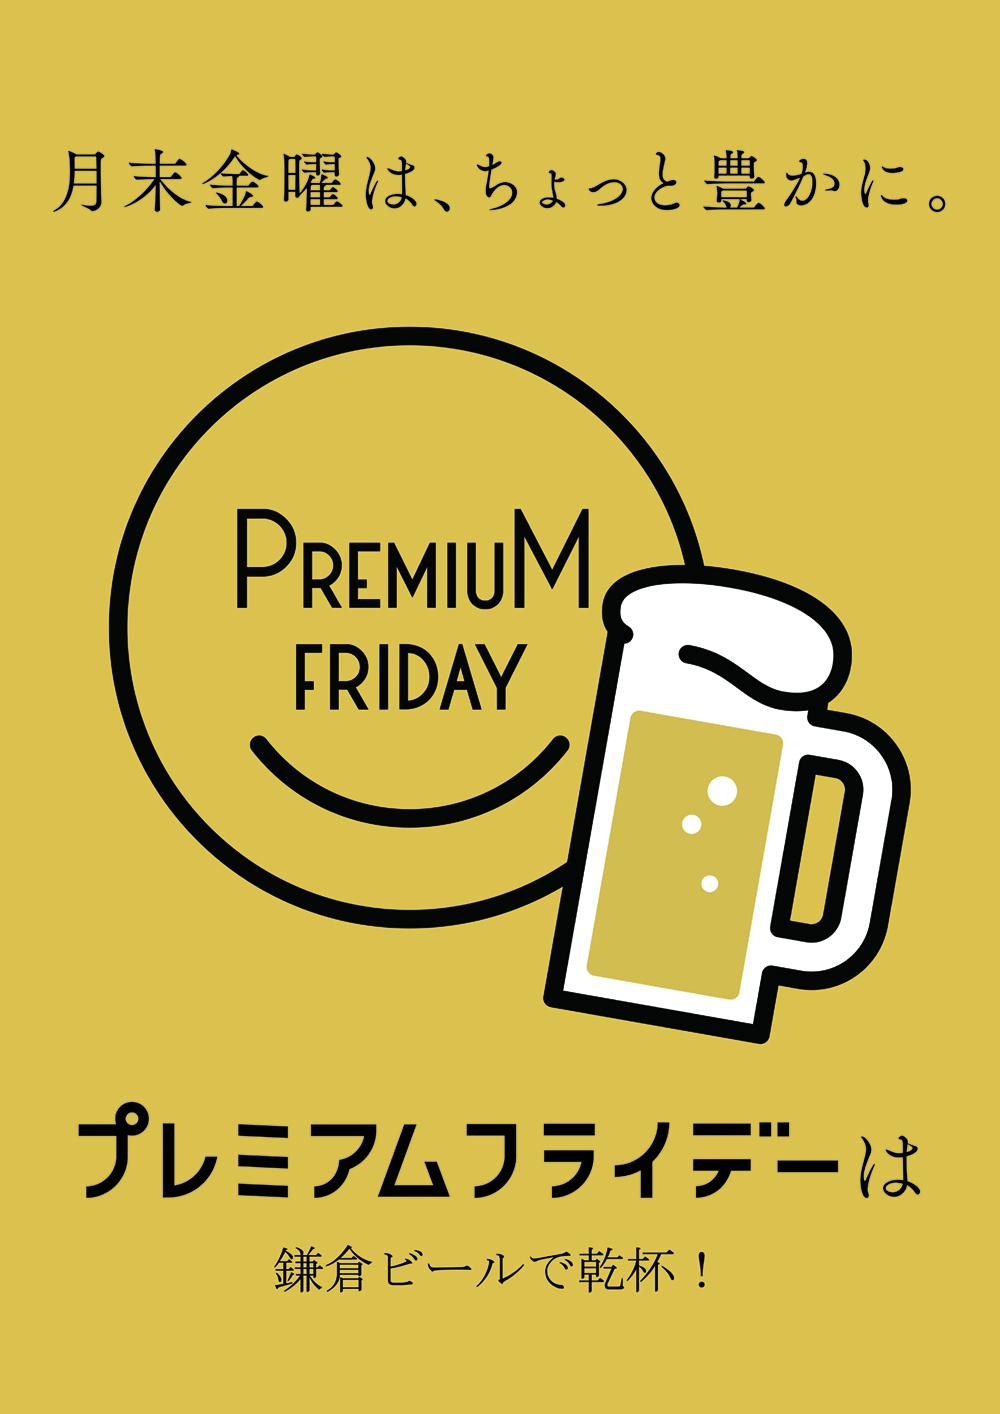 毎月最終金曜日は「鎌倉ビール工場直売プレミアムフライデー!」今月は ...